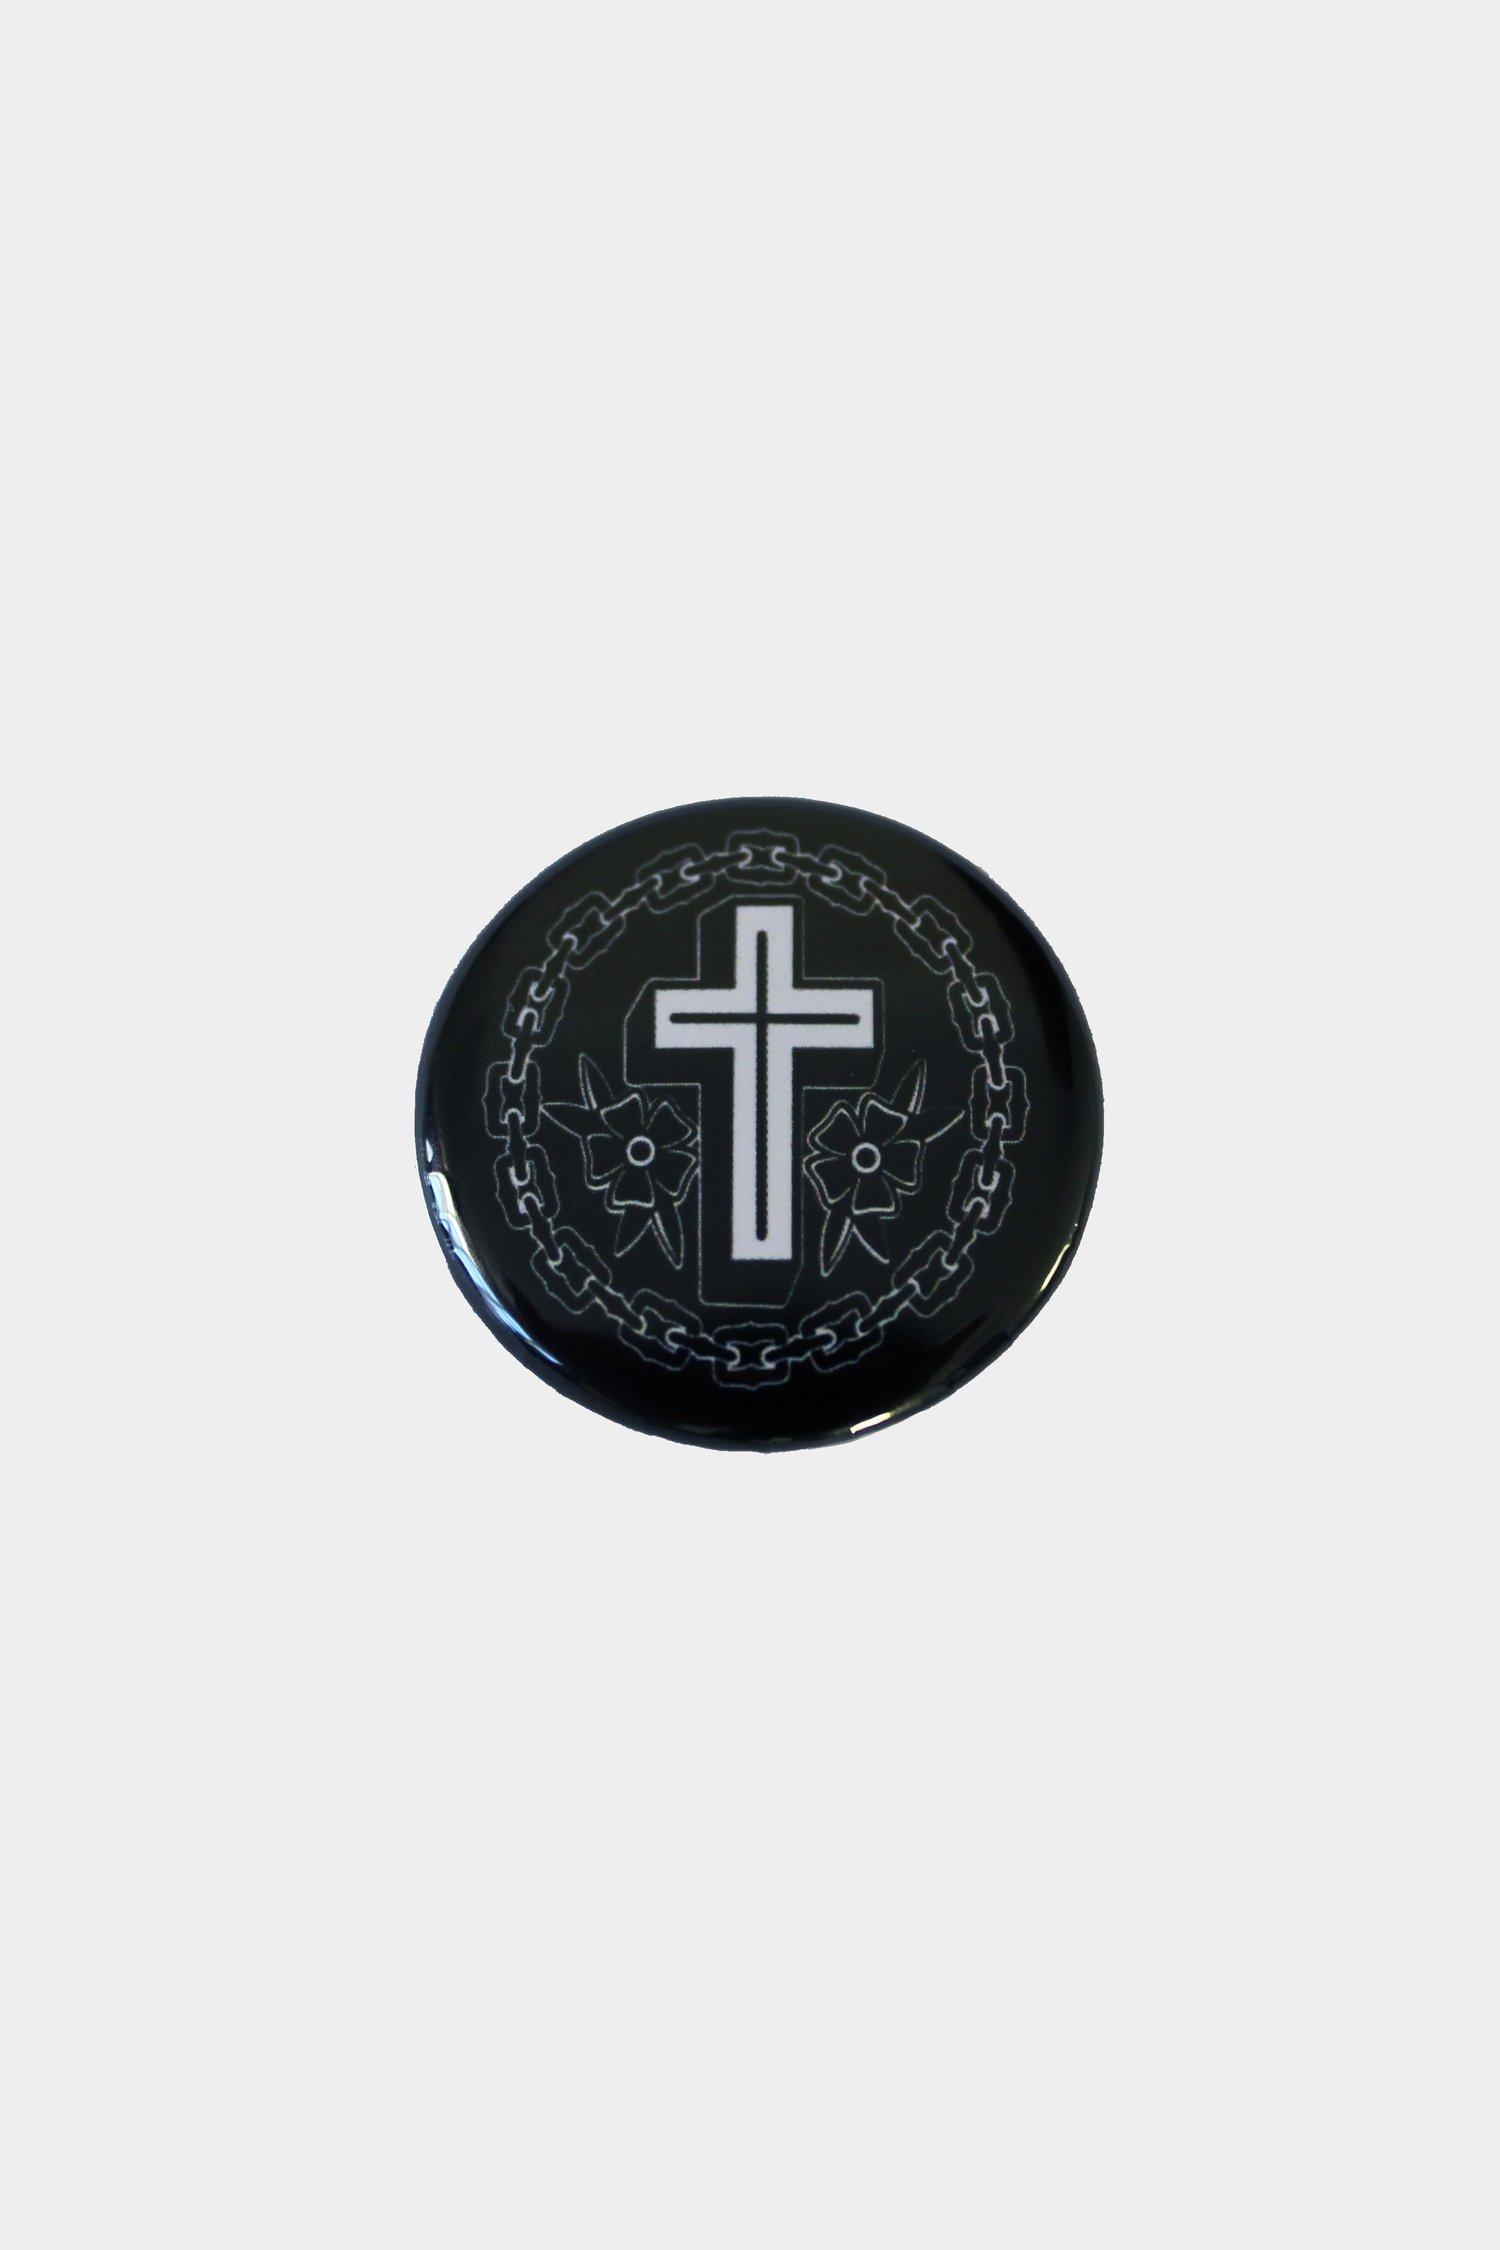 Image of Cross & Rose Badge